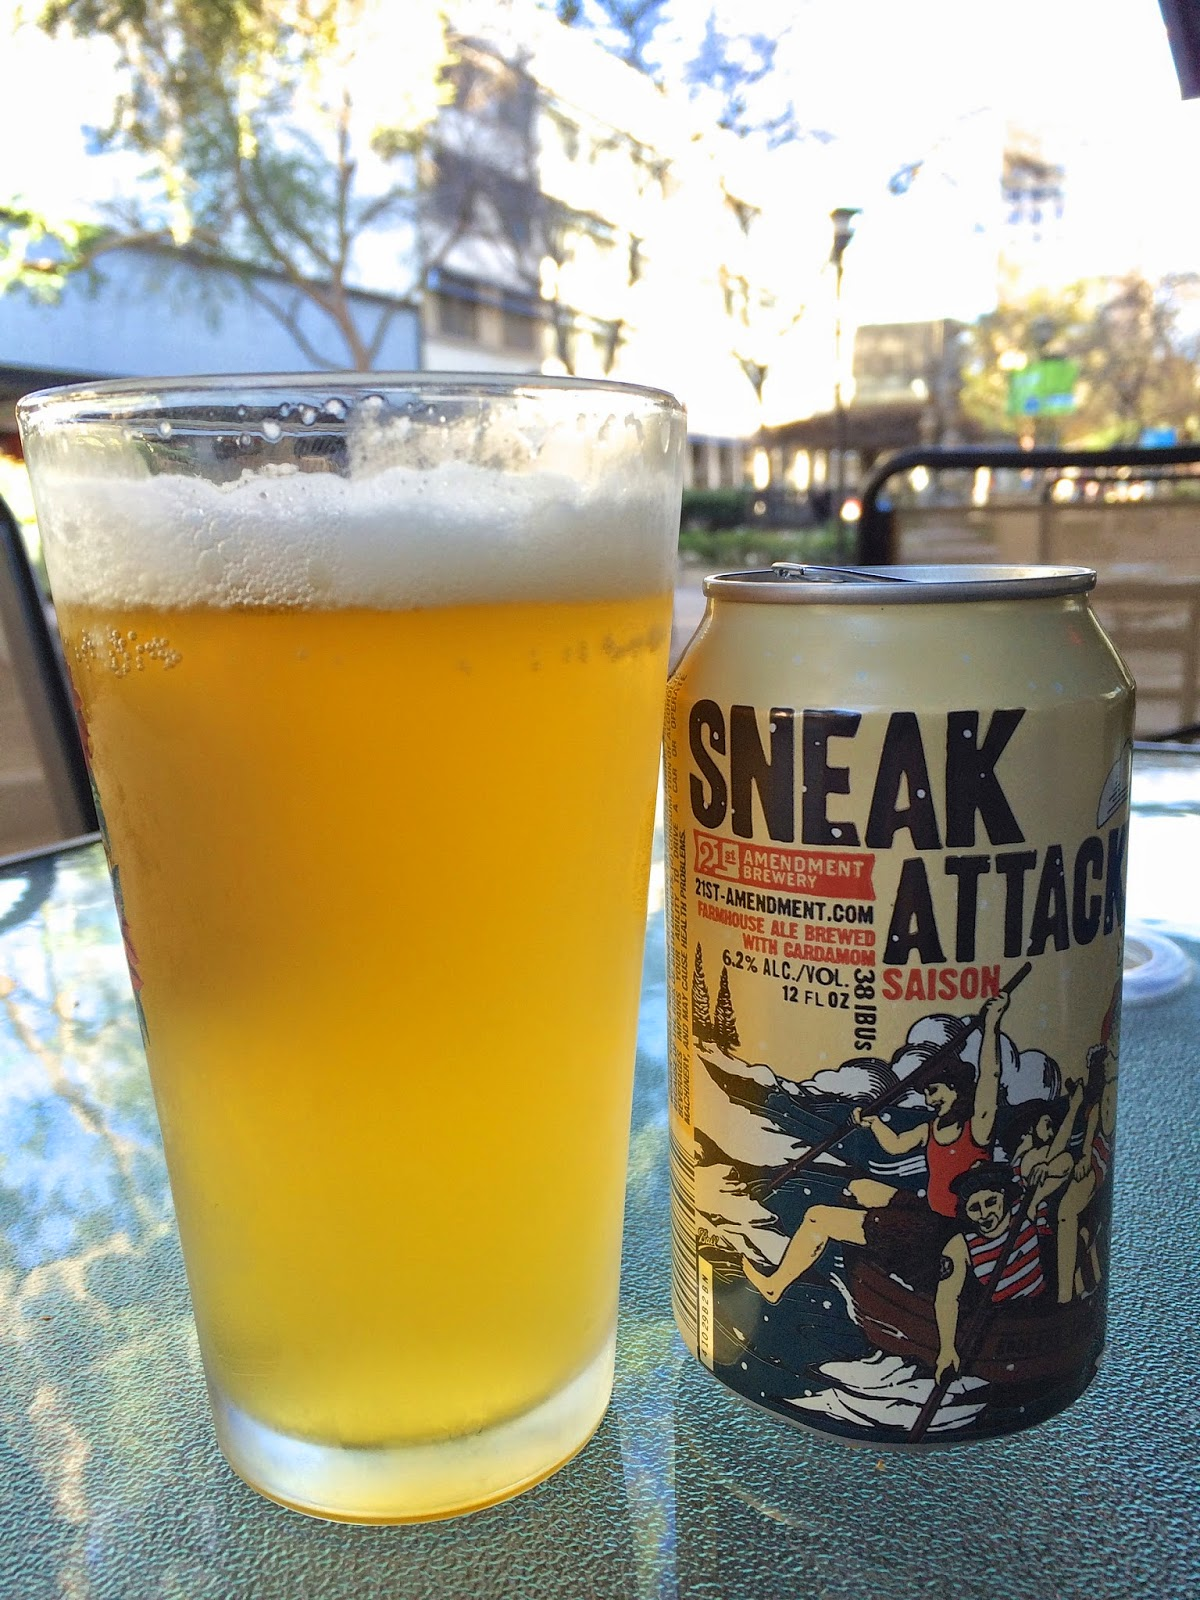 21st Amendment Sneak Attack Saison 1